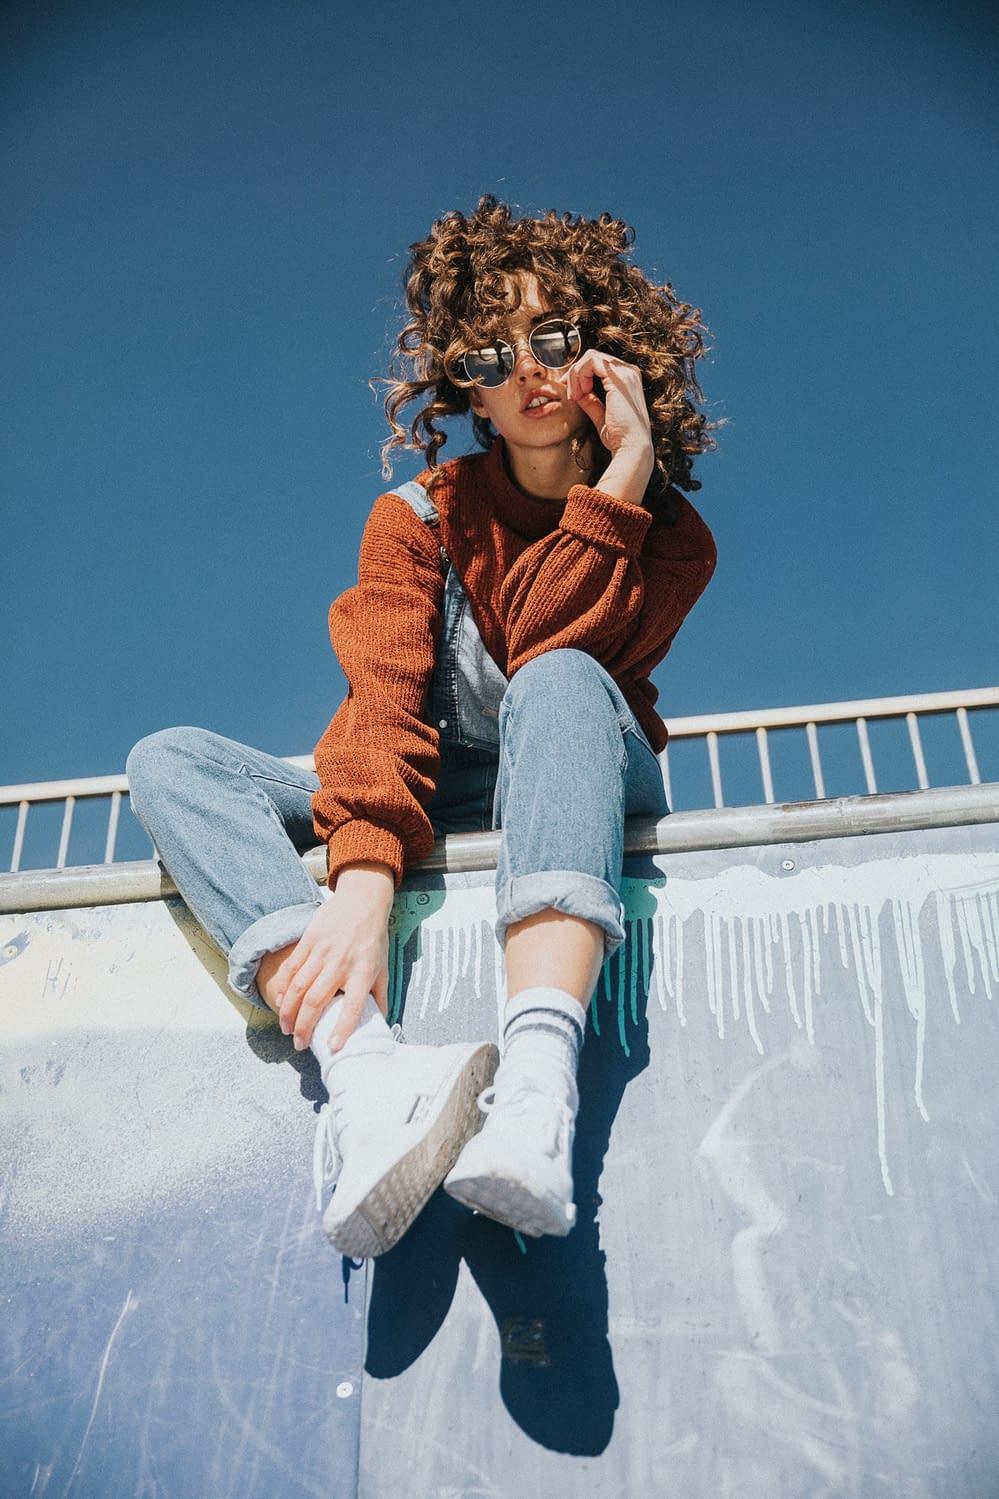 Portrait Luisa - Lifestyle Fotografie by zuparino